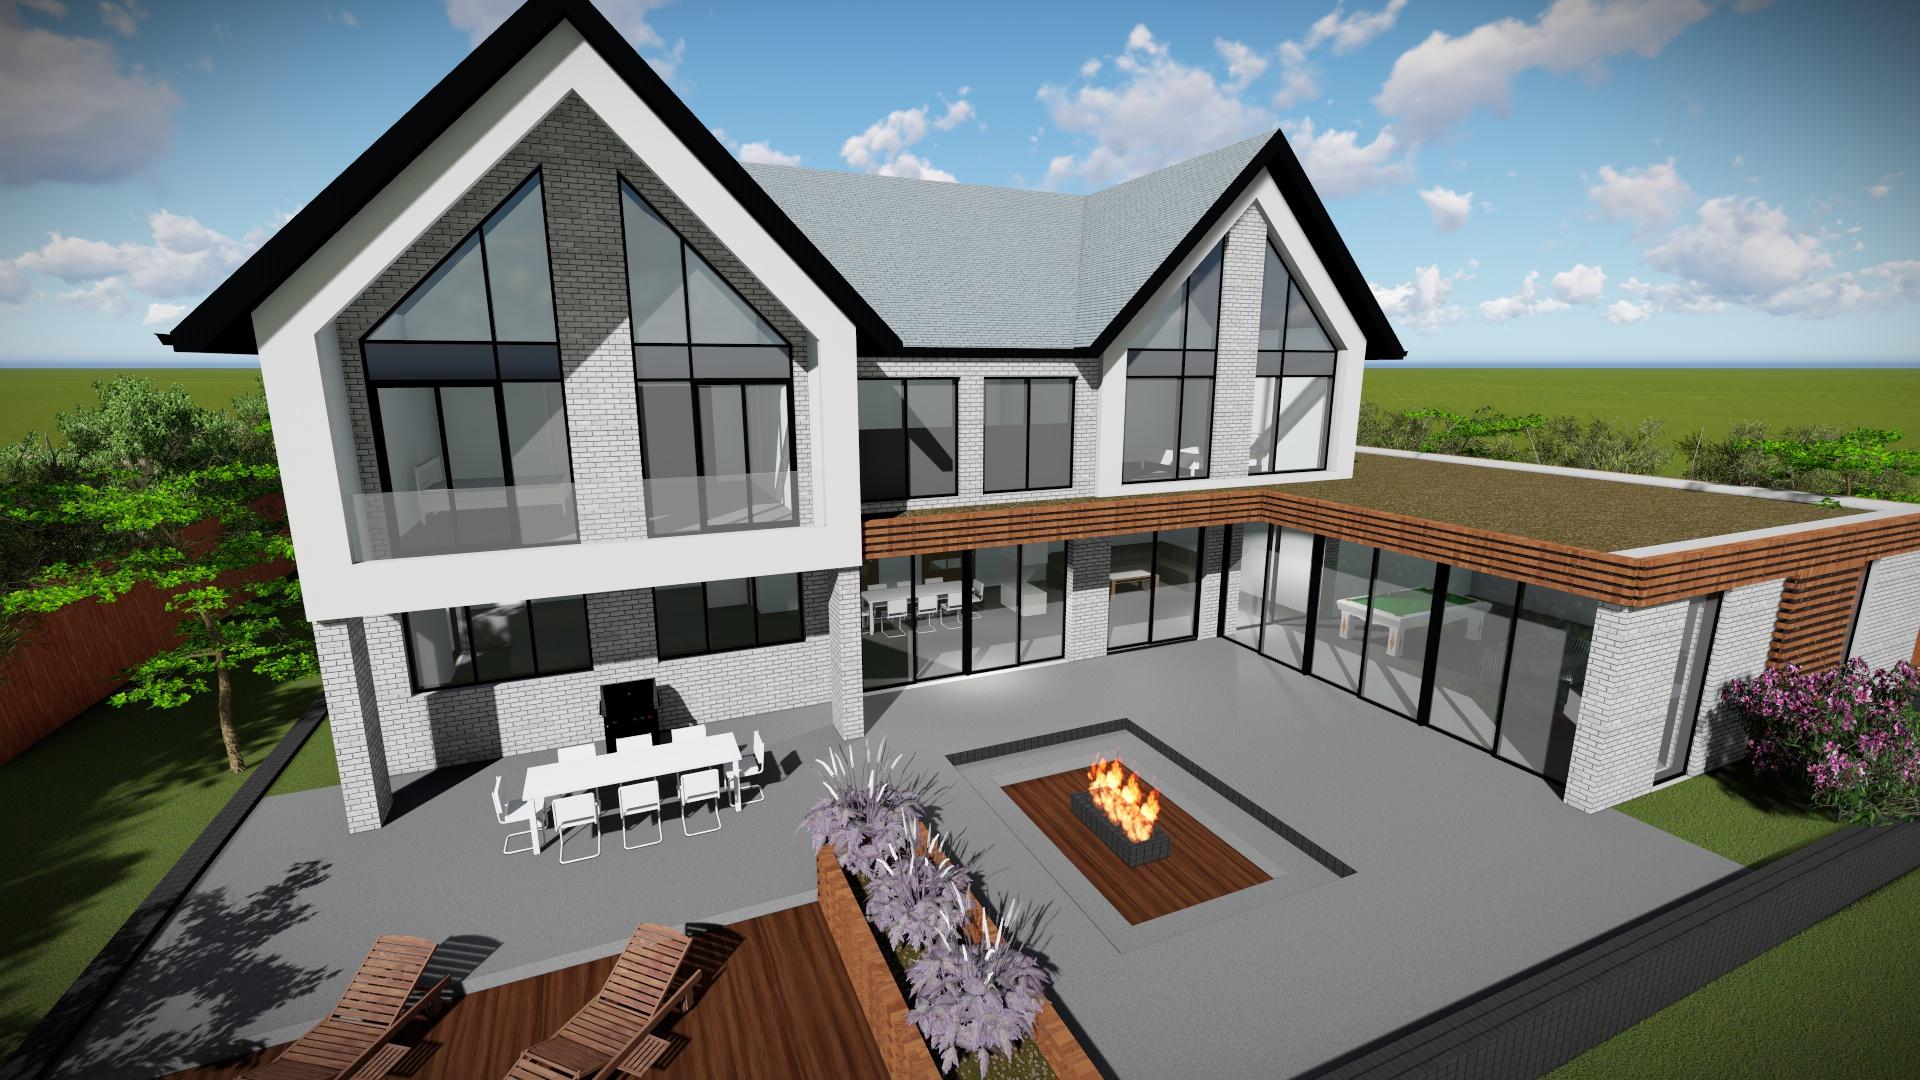 Little Poulton Lane - Carter-Zub Building Consultancy